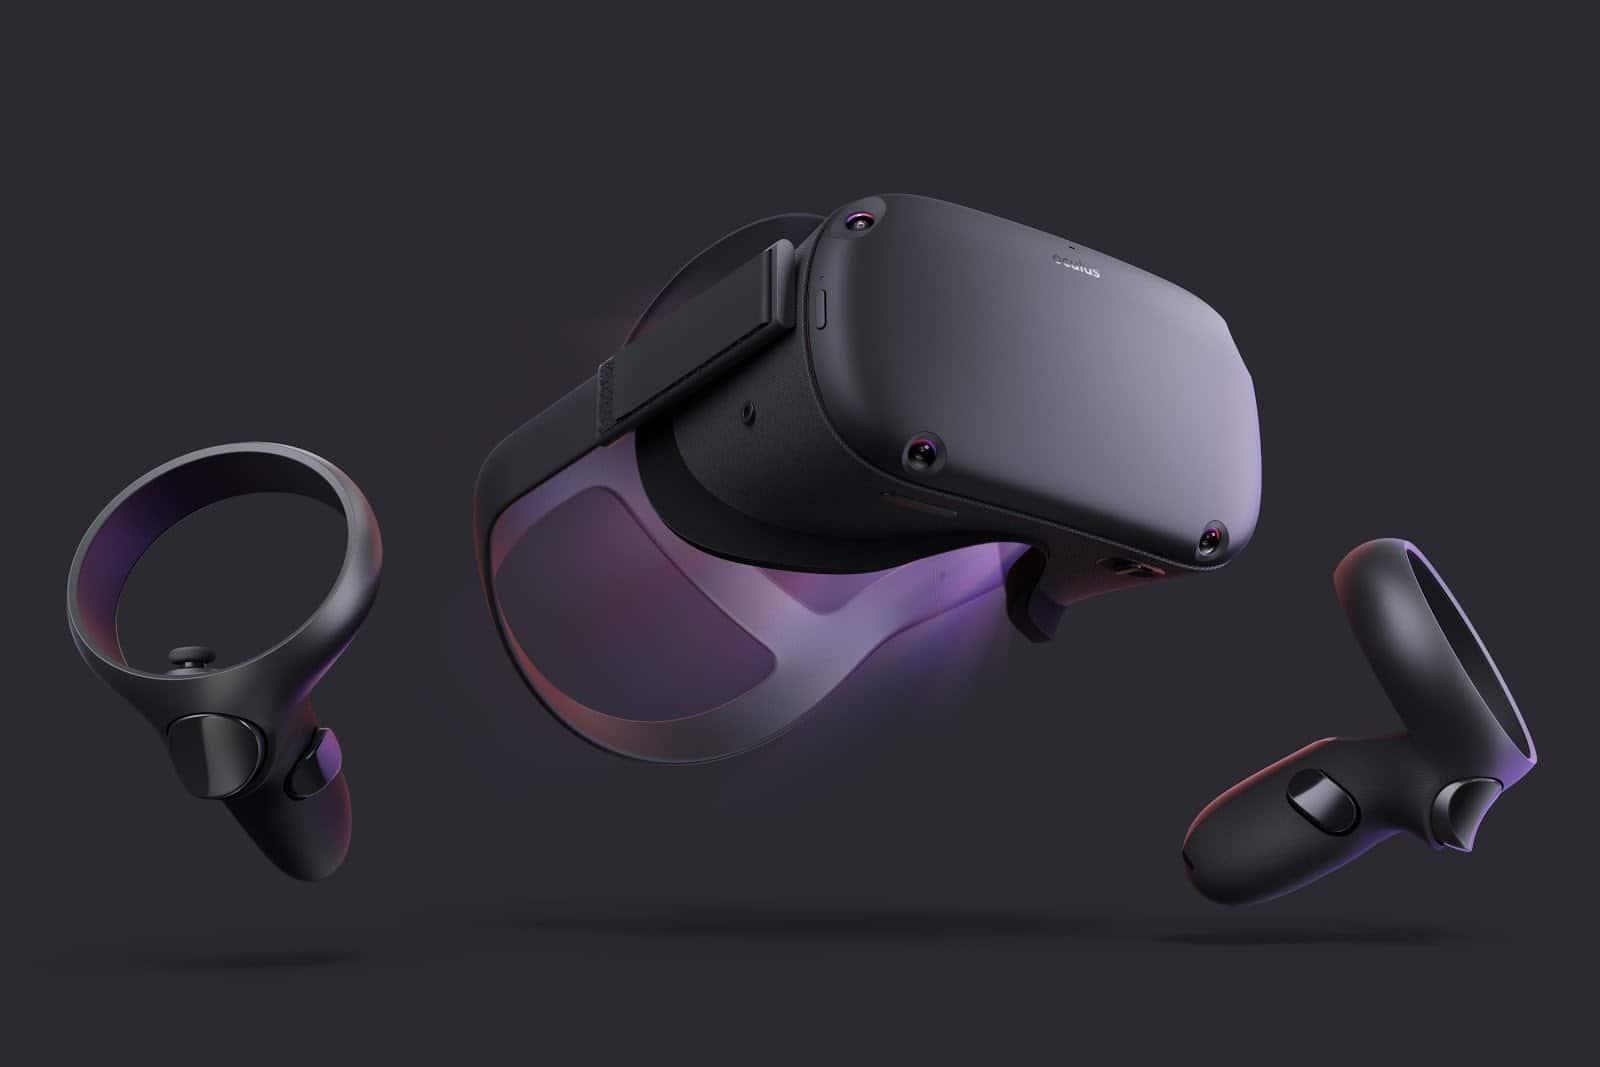 Un nouveau casque de r alit virtuelle Oculus 3